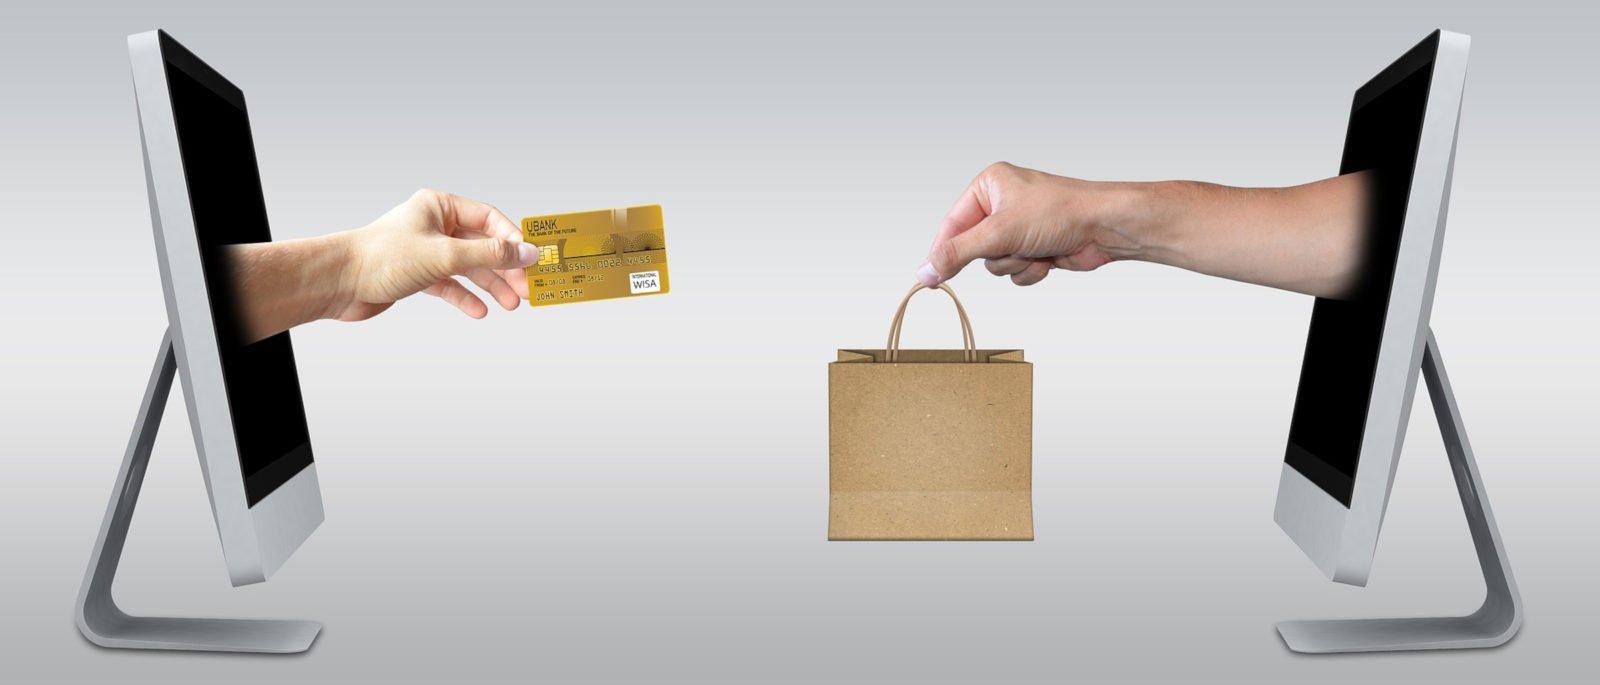 Kamenná prodejna vs. internet